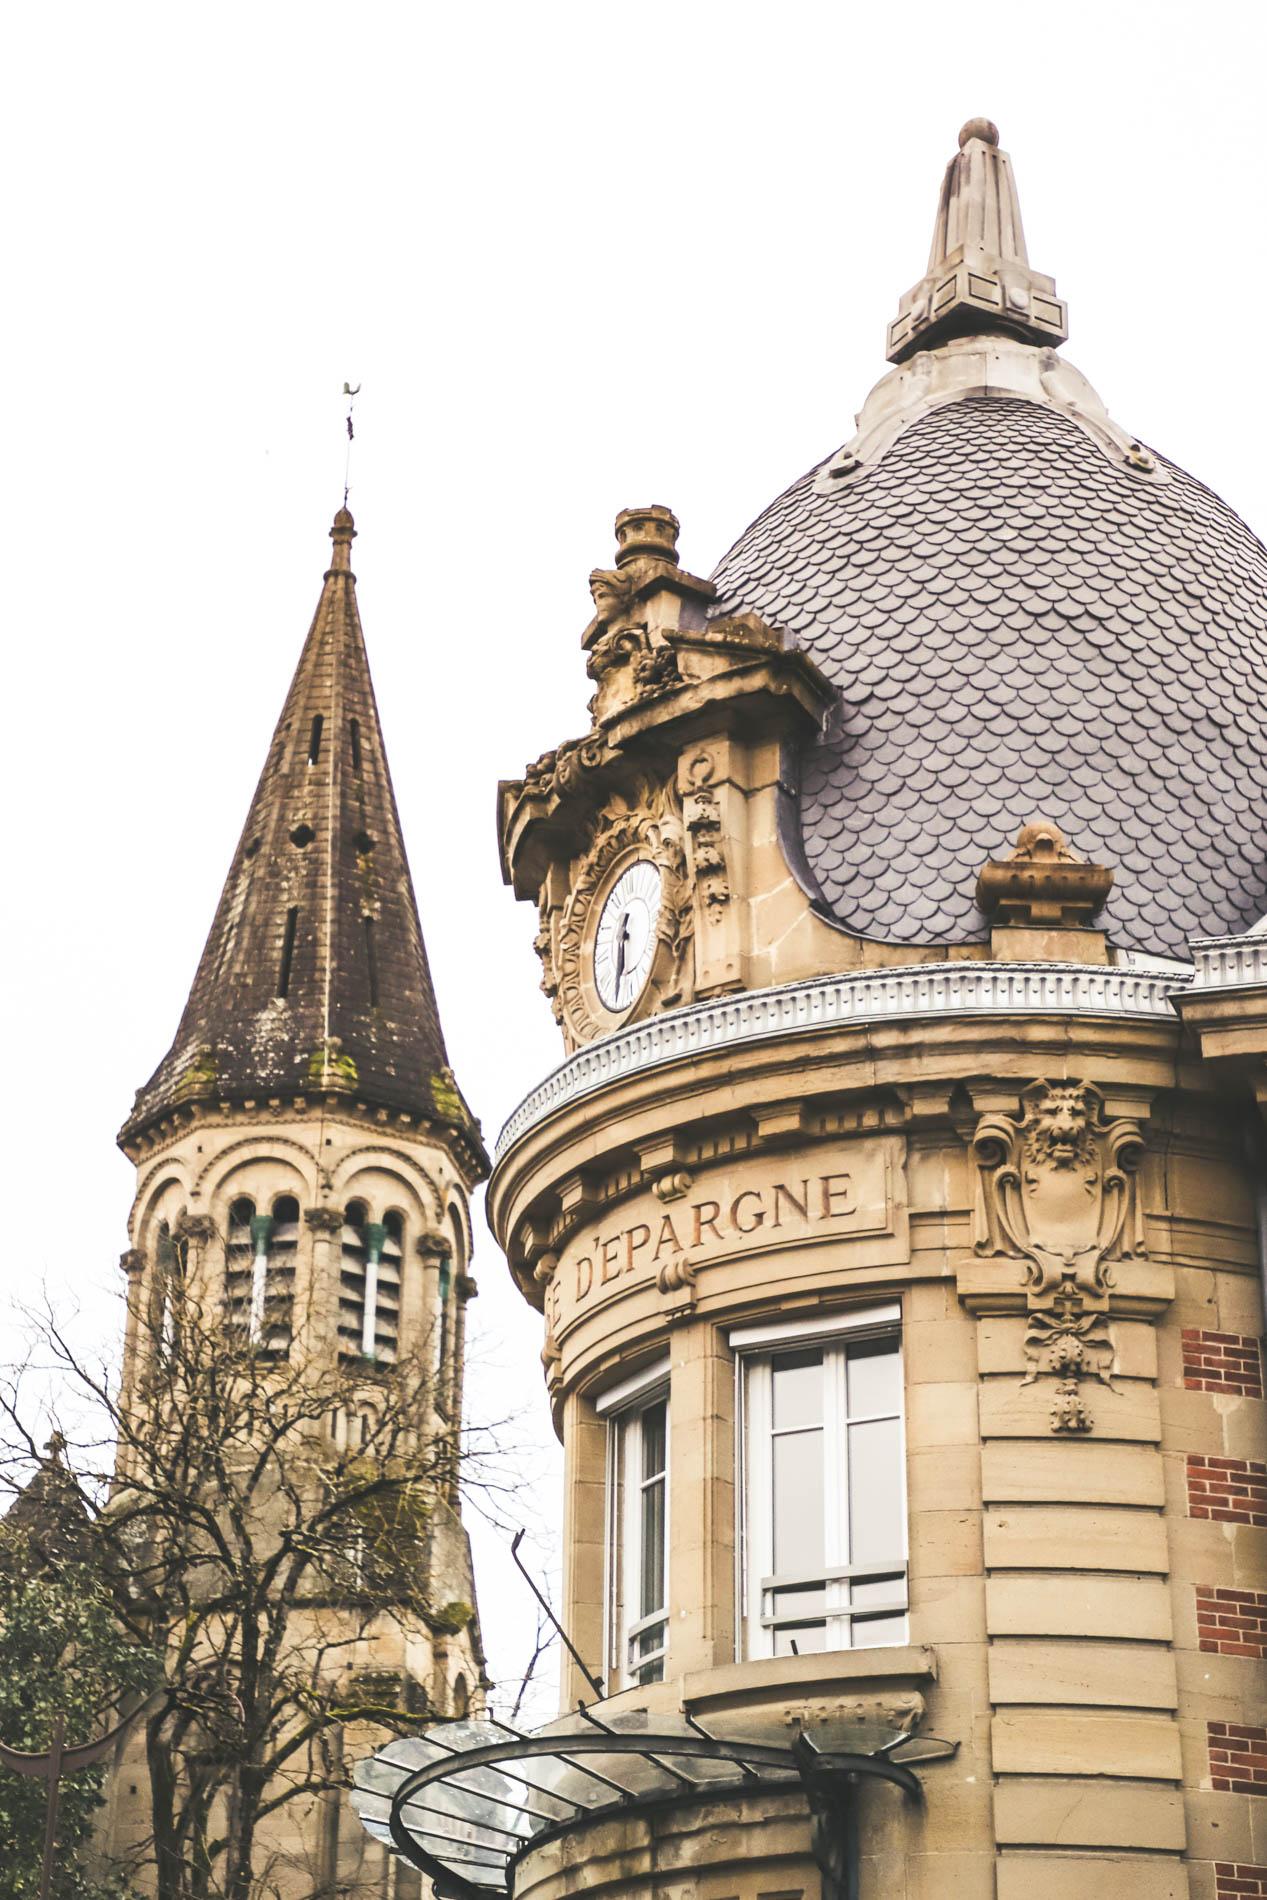 Banque-Caisse-Epargne-Architecture